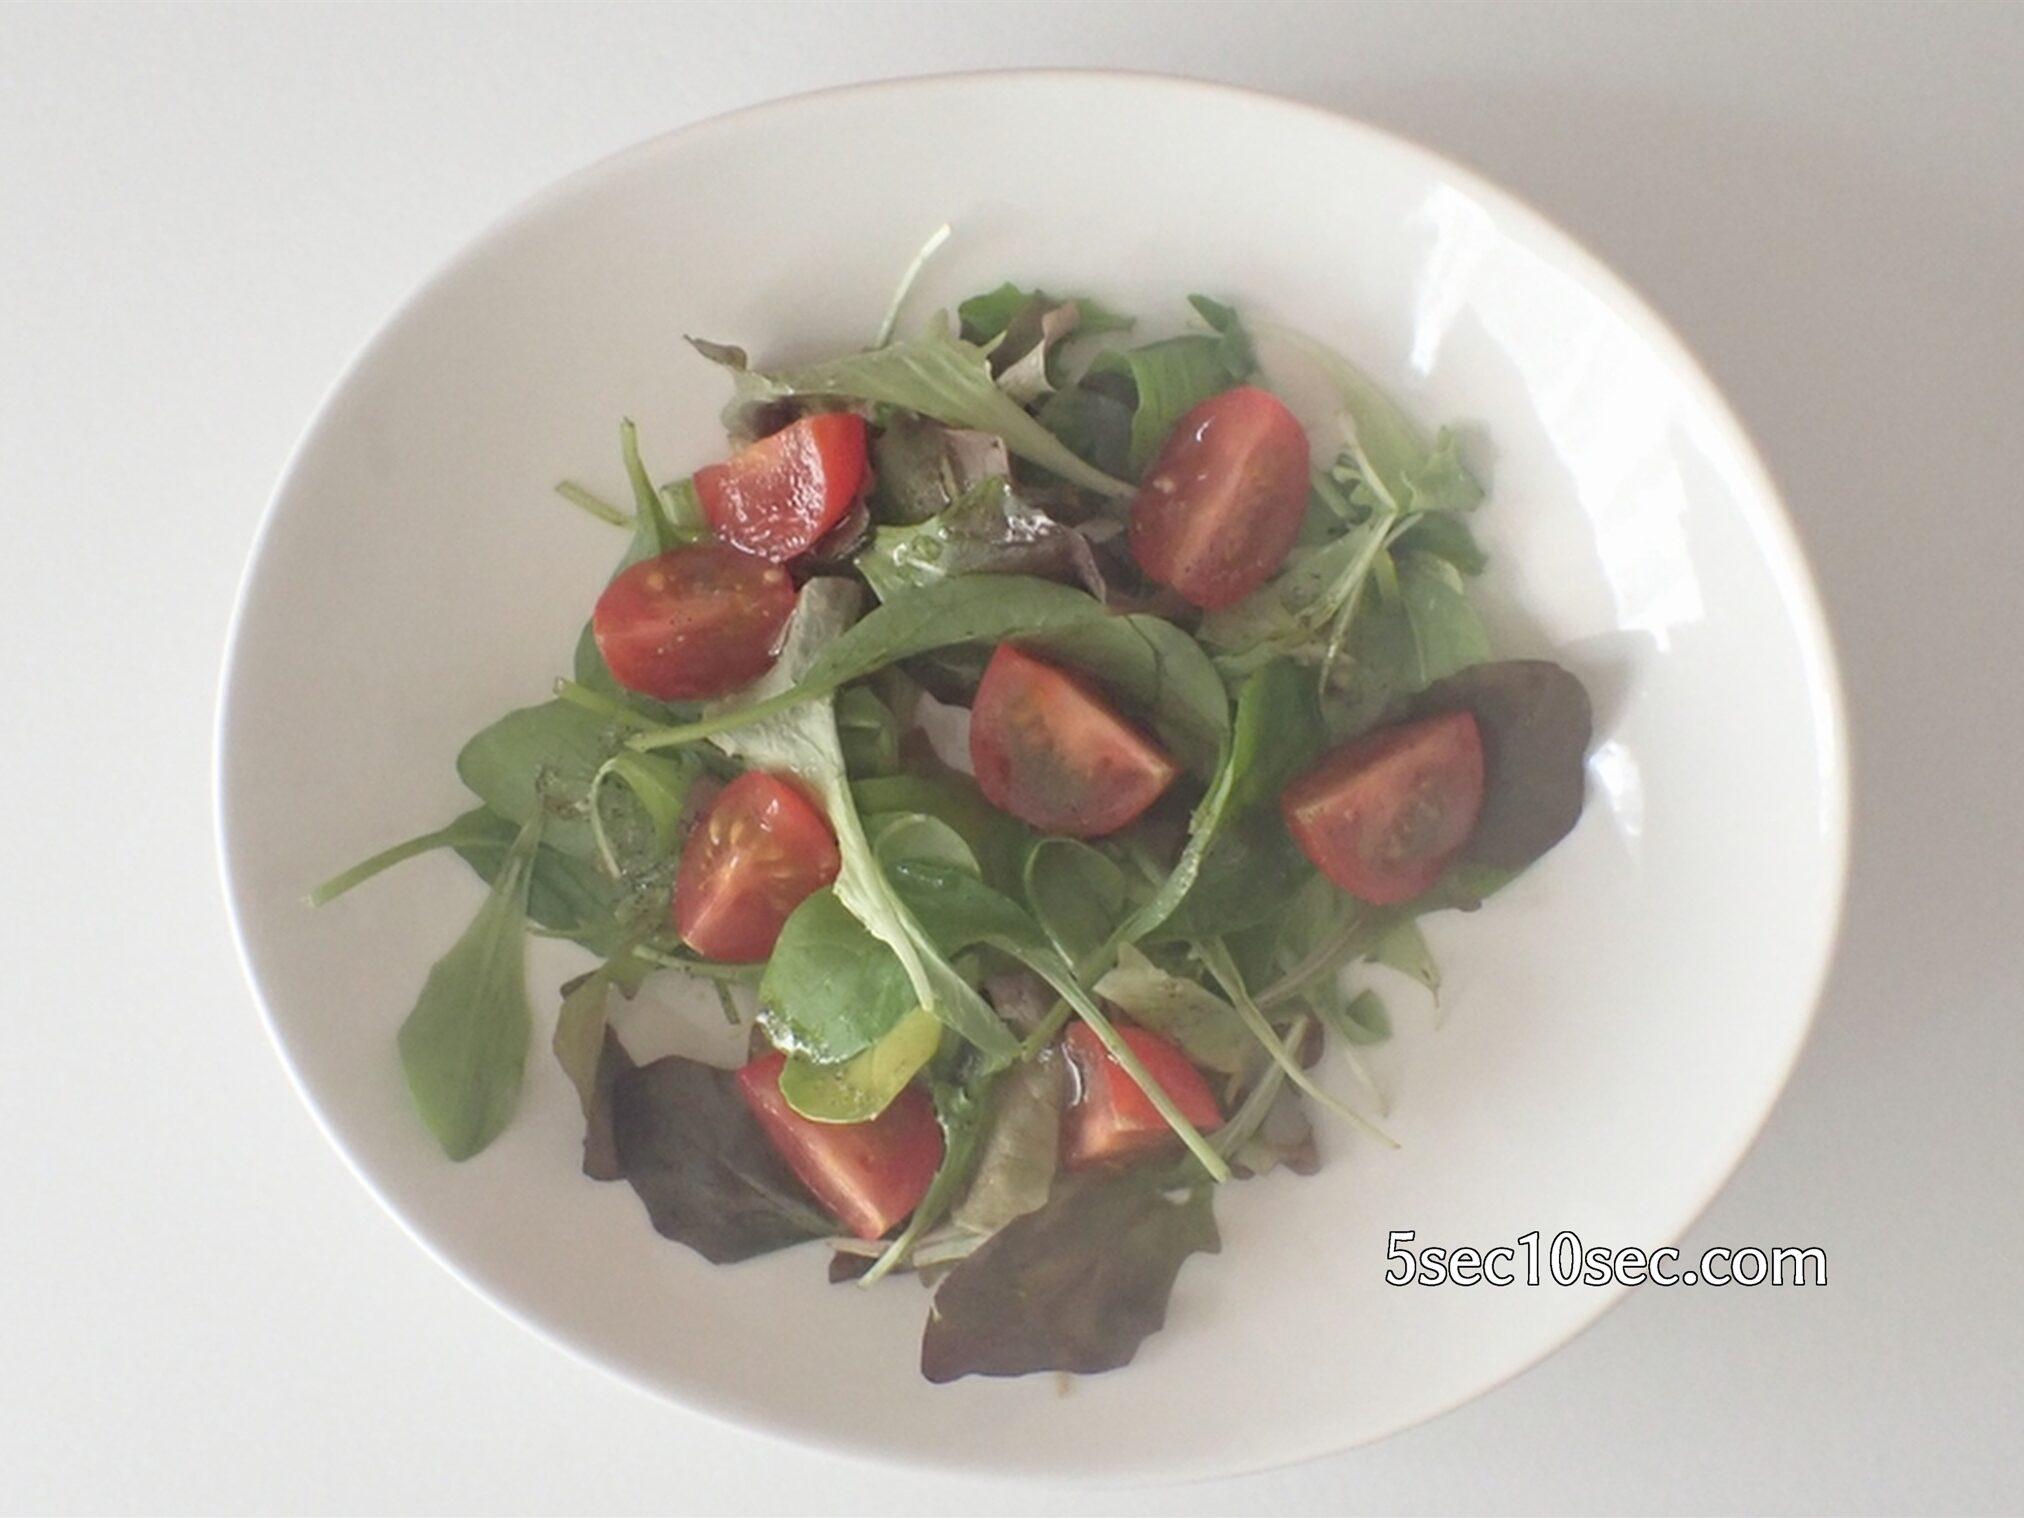 貝印 KHS スピーディーチョッパー L 品番DH2084 水切りかごを使った野菜で作ったサラダ